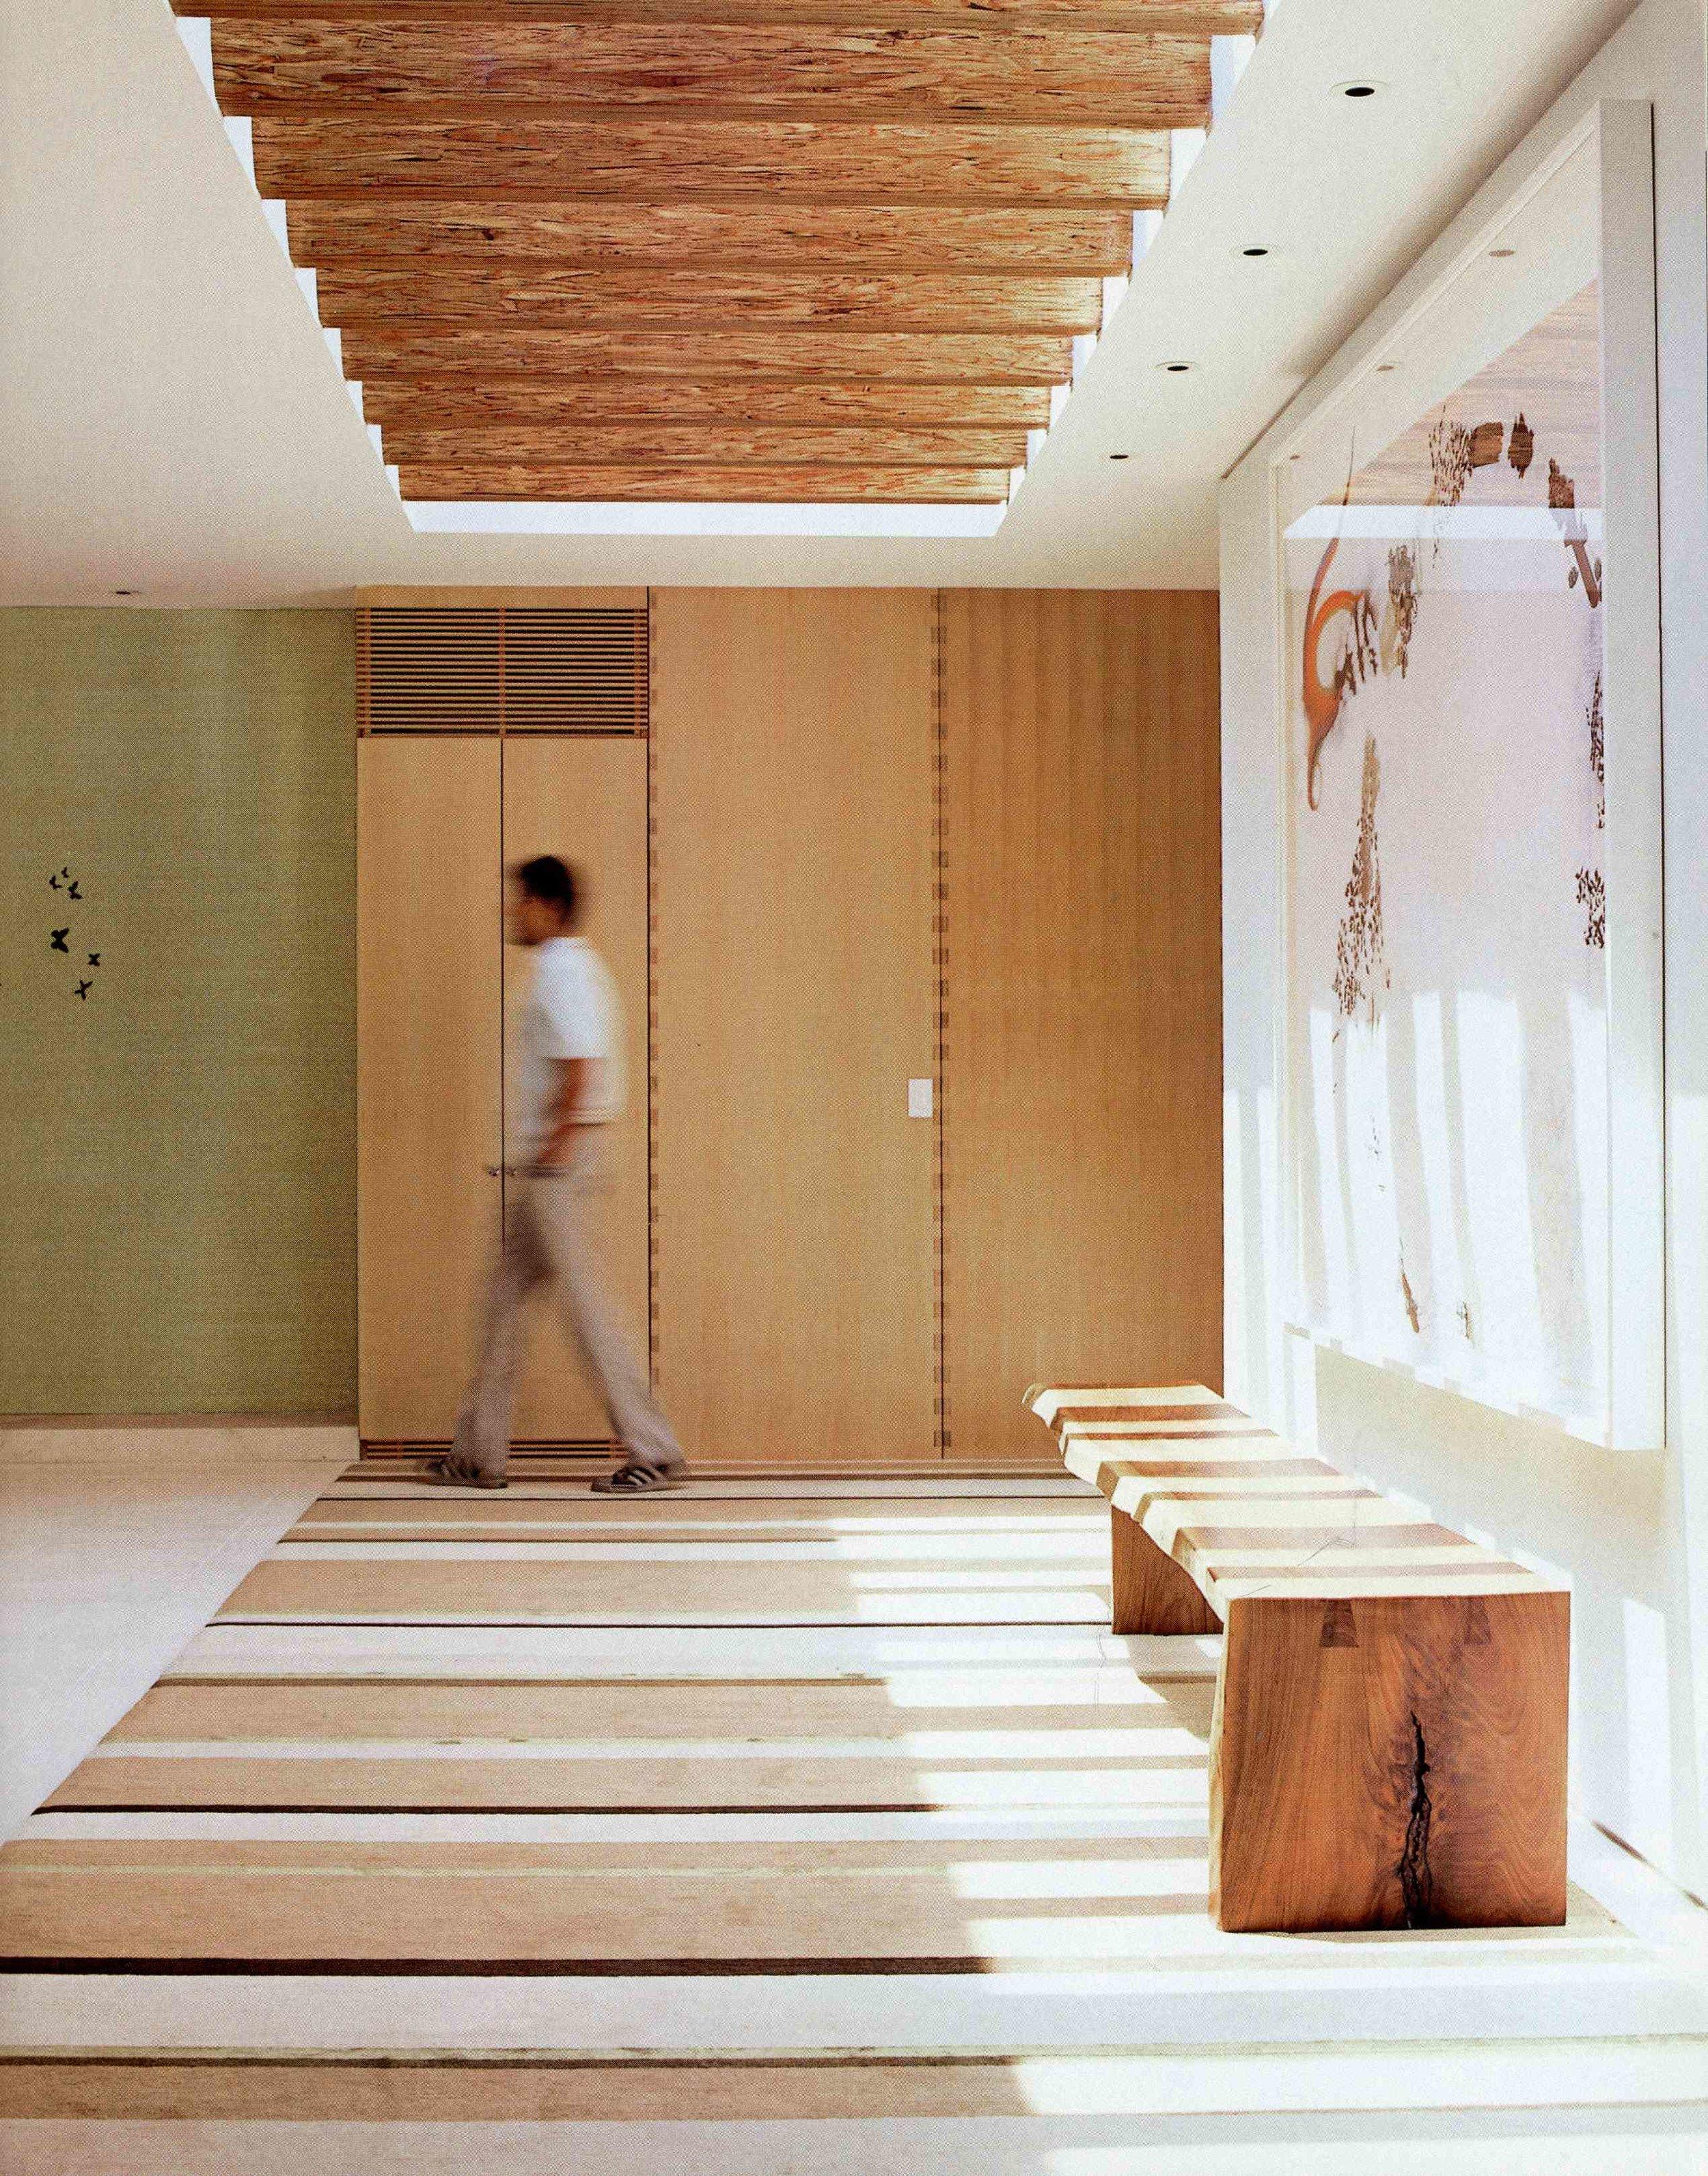 Met Home_Nov 08_Hamptons House_Full Article_Page_11.jpg